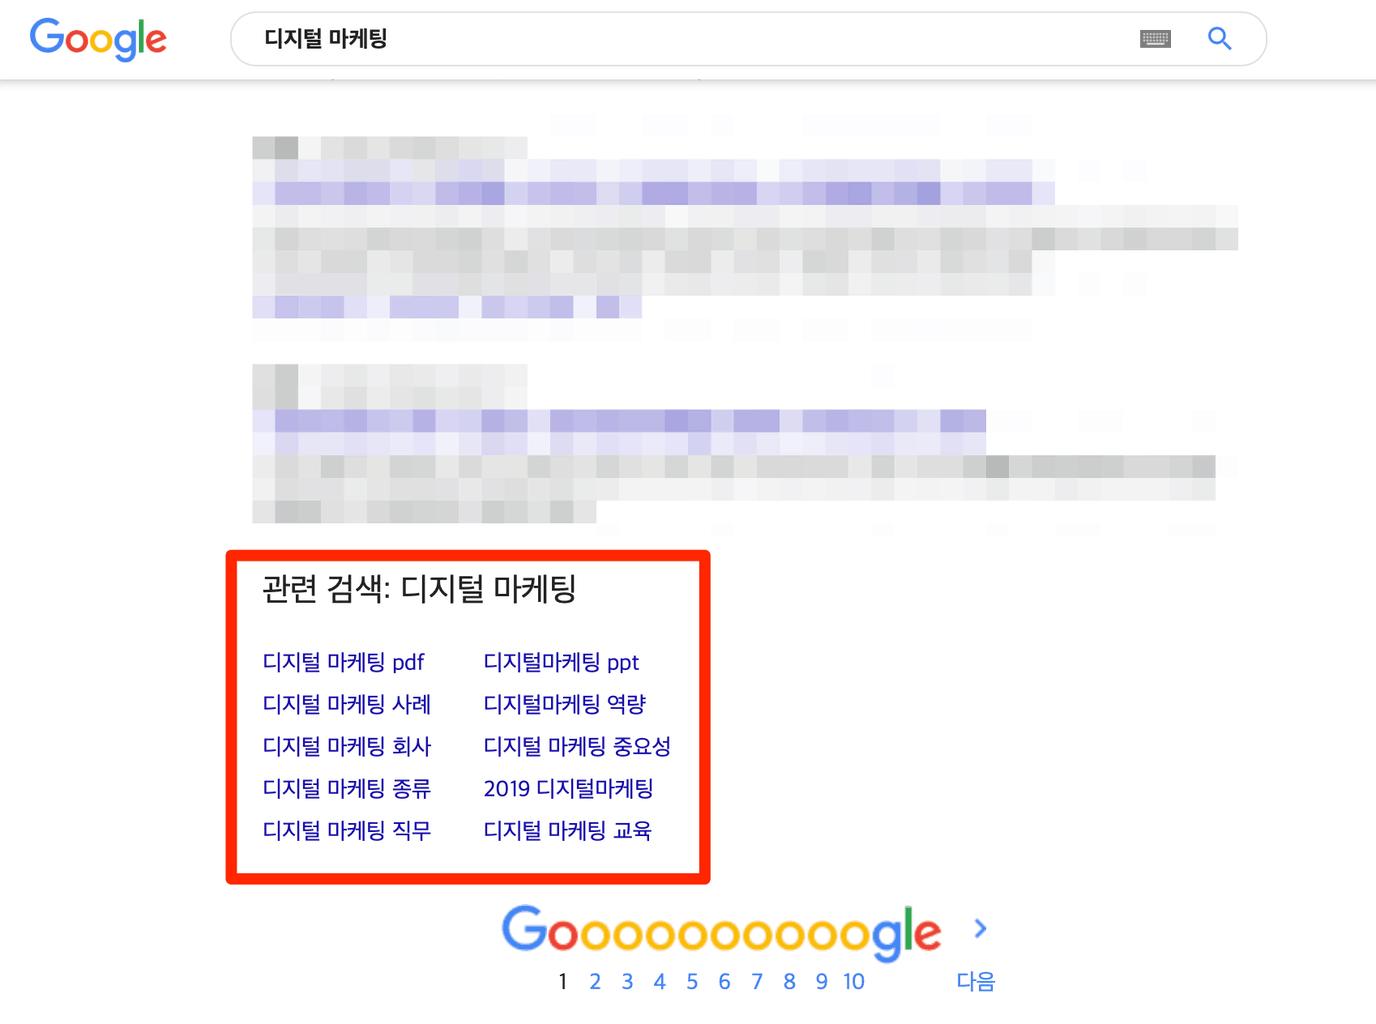 구글 검색 결과 화면